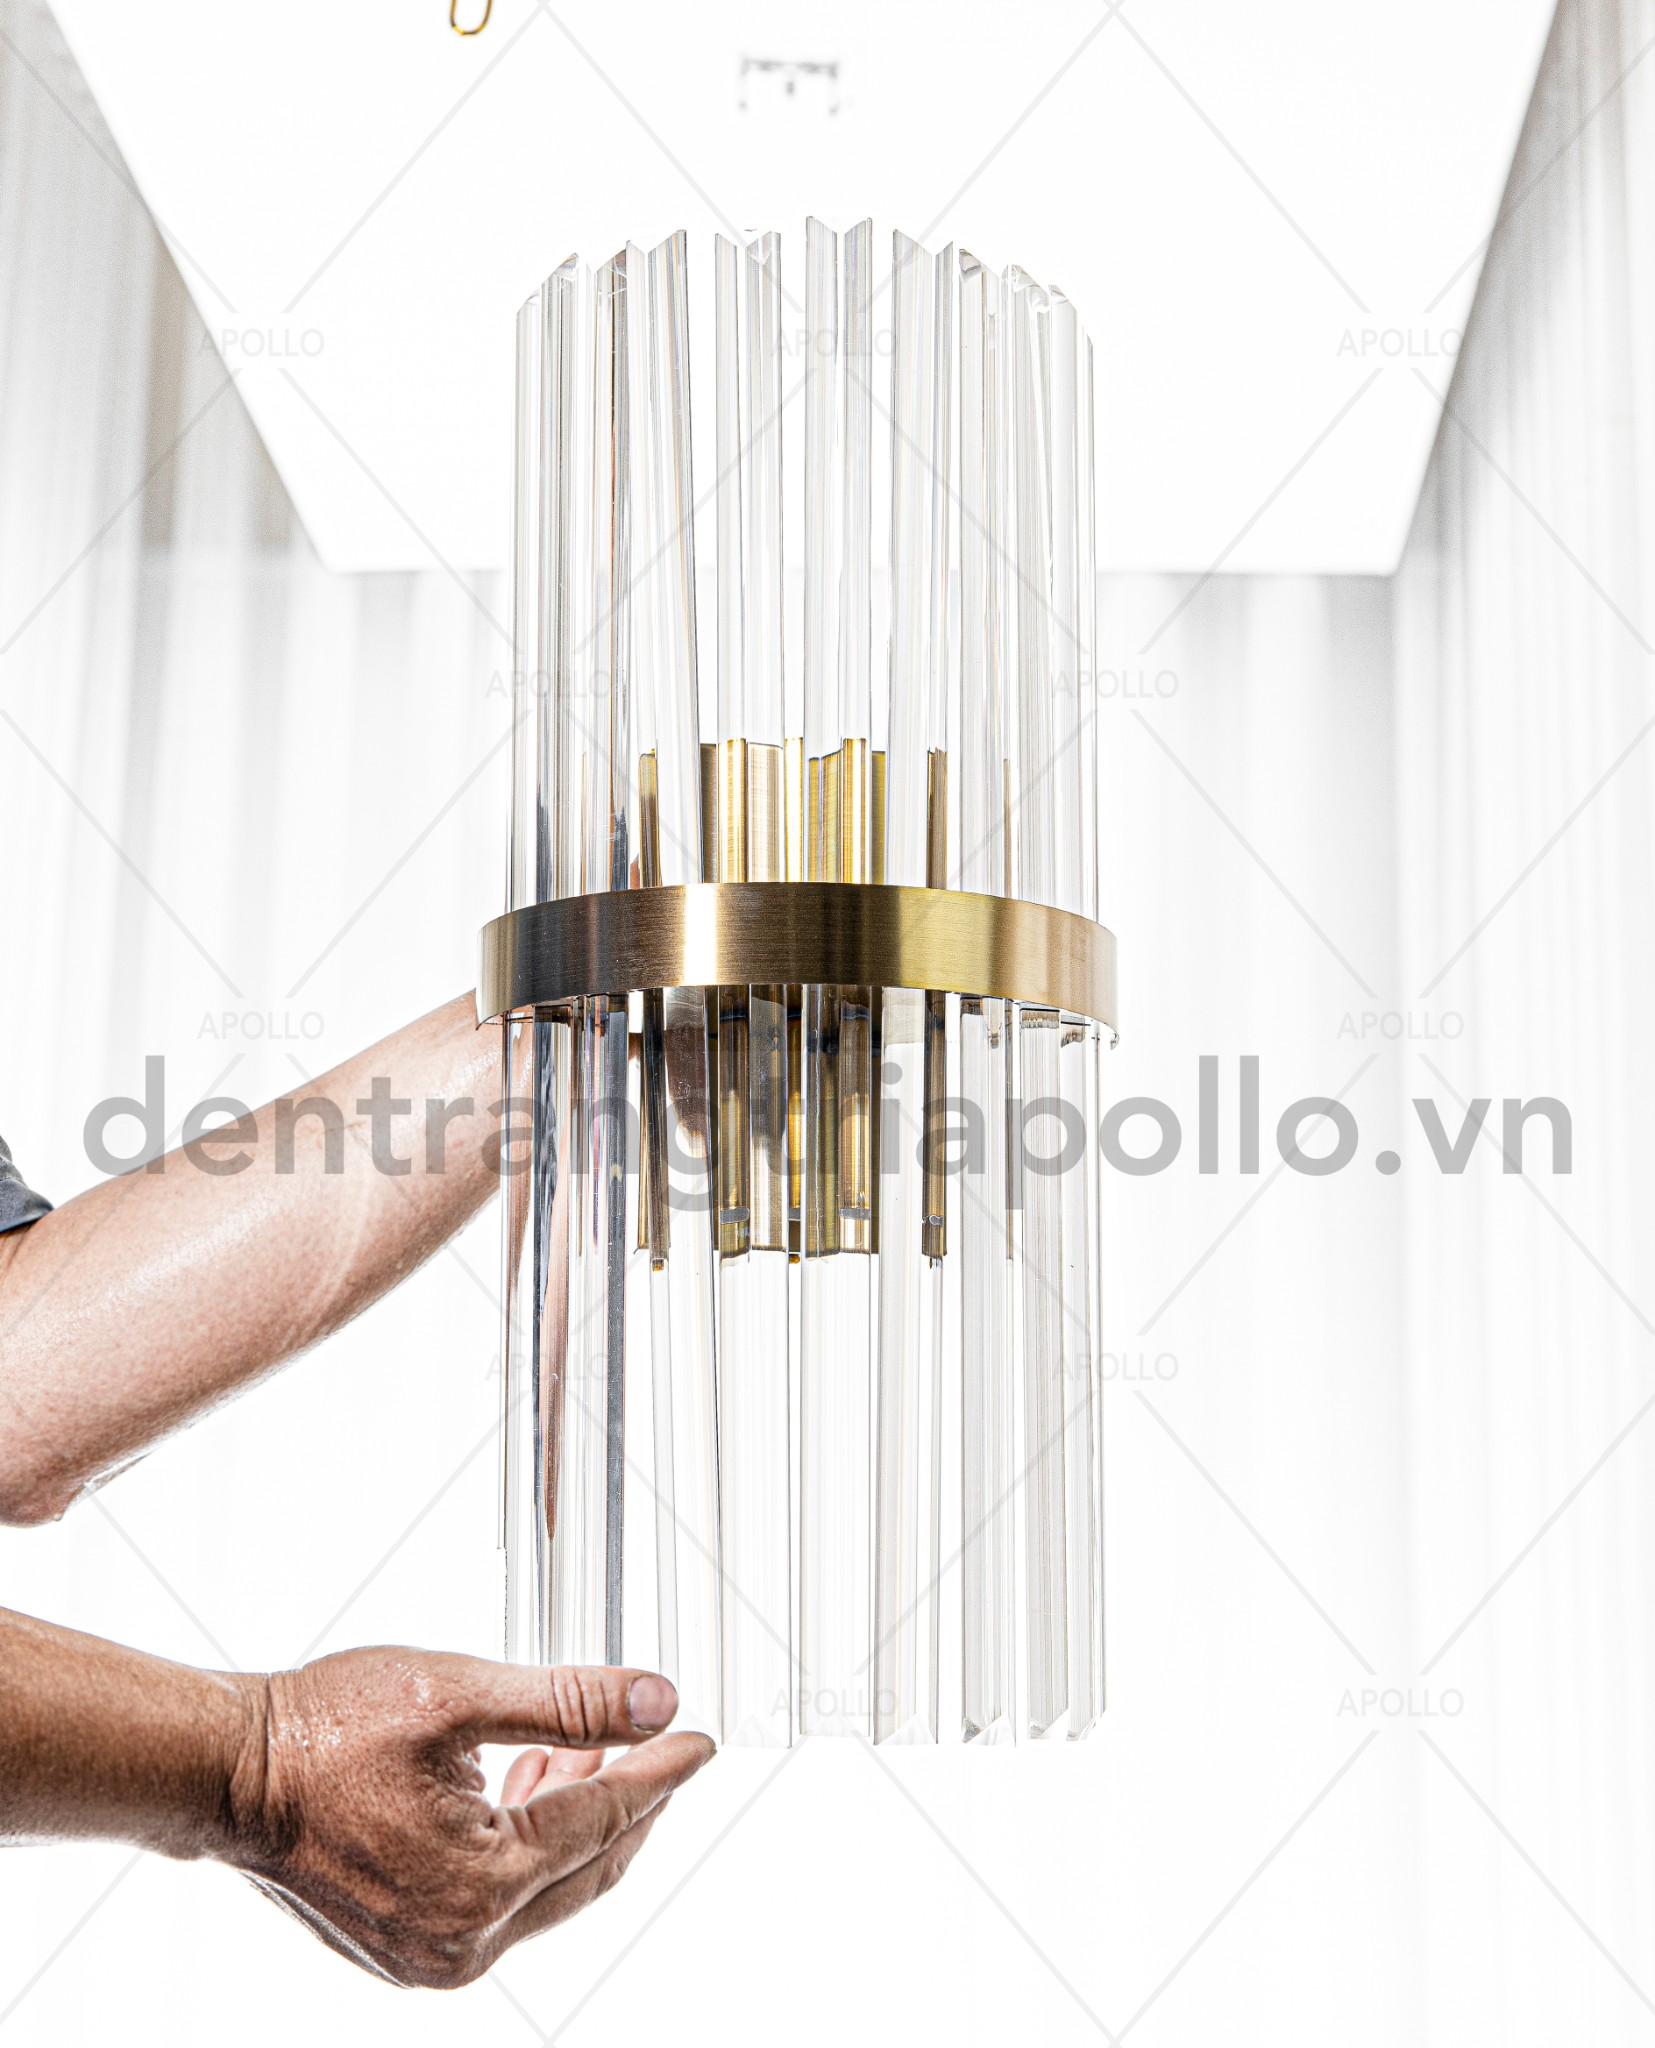 đèn tường pha lê cao cấp